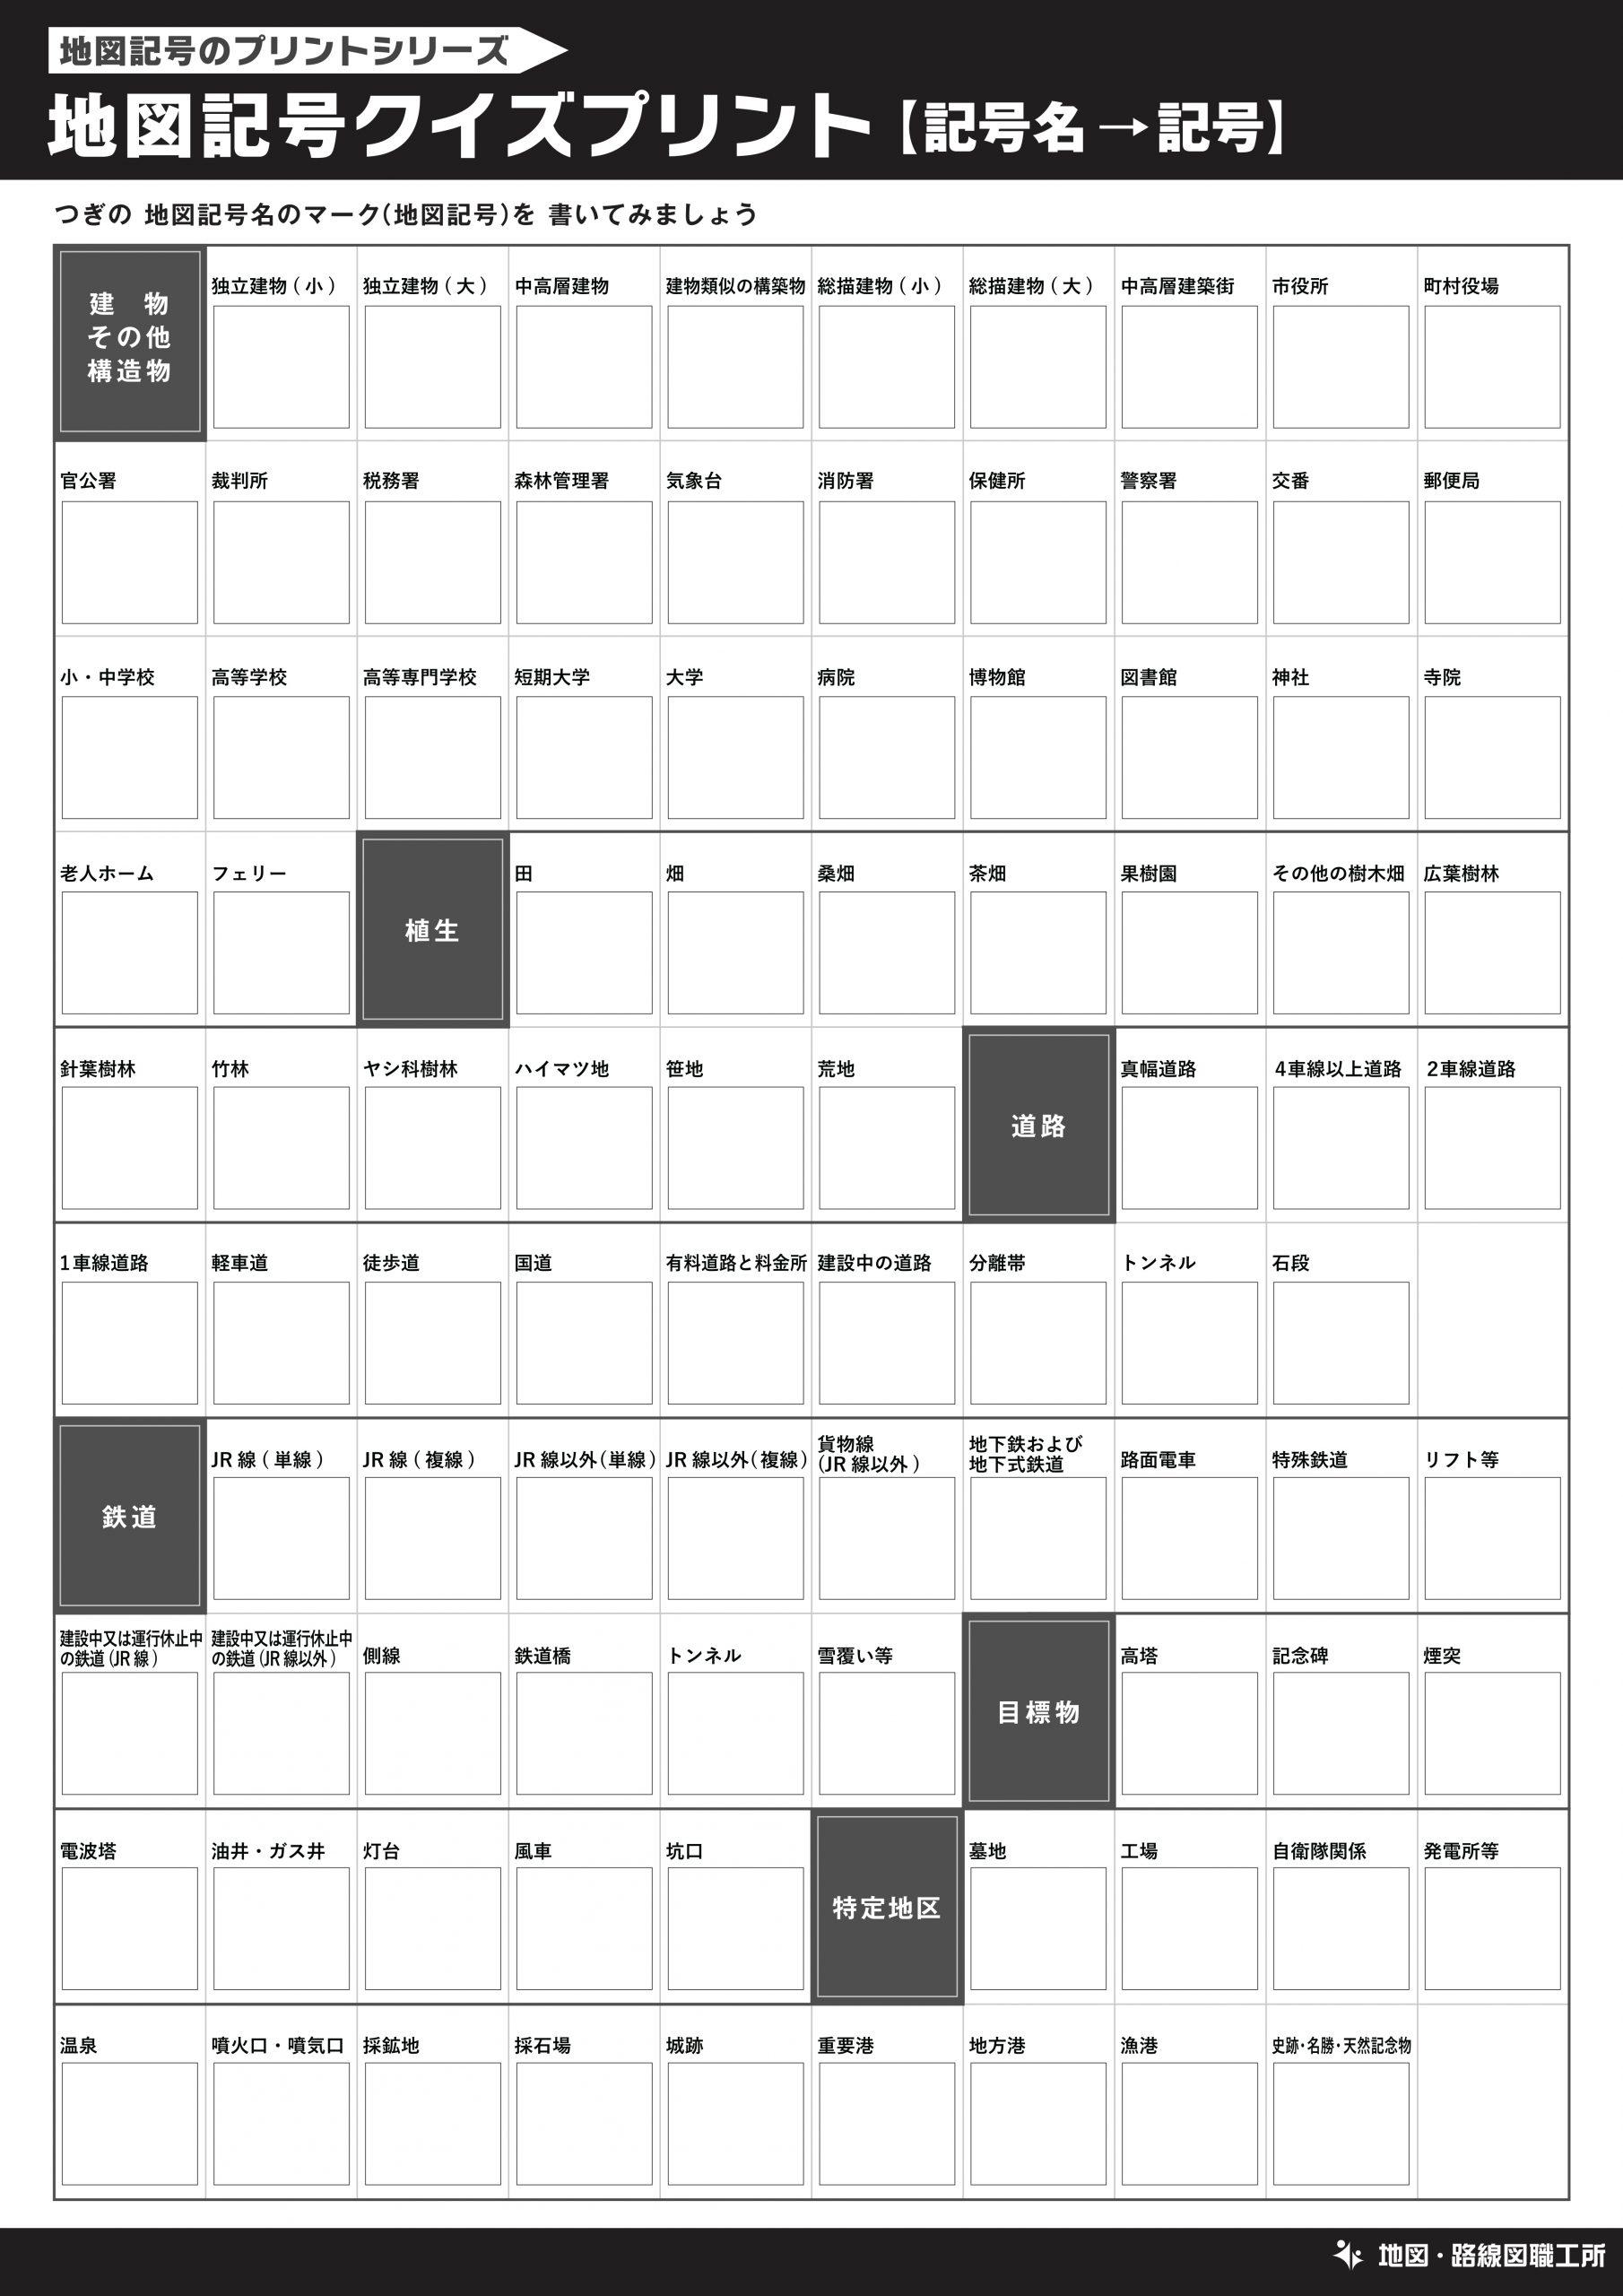 地図記号クイズプリント【記号名→記号】